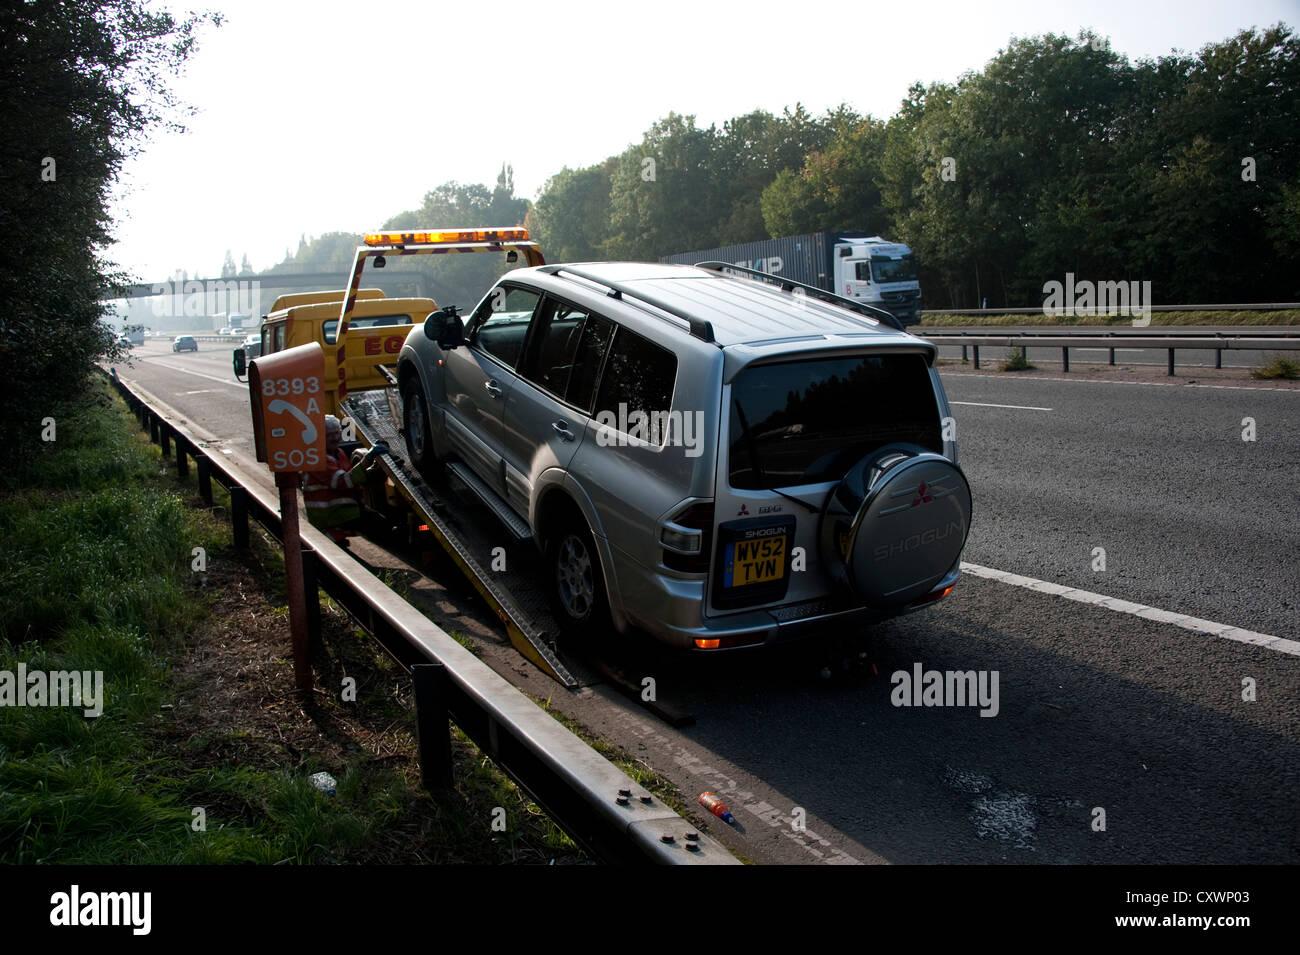 Mitsubishi Shogun Stock Photos & Mitsubishi Shogun Stock Images - Alamy